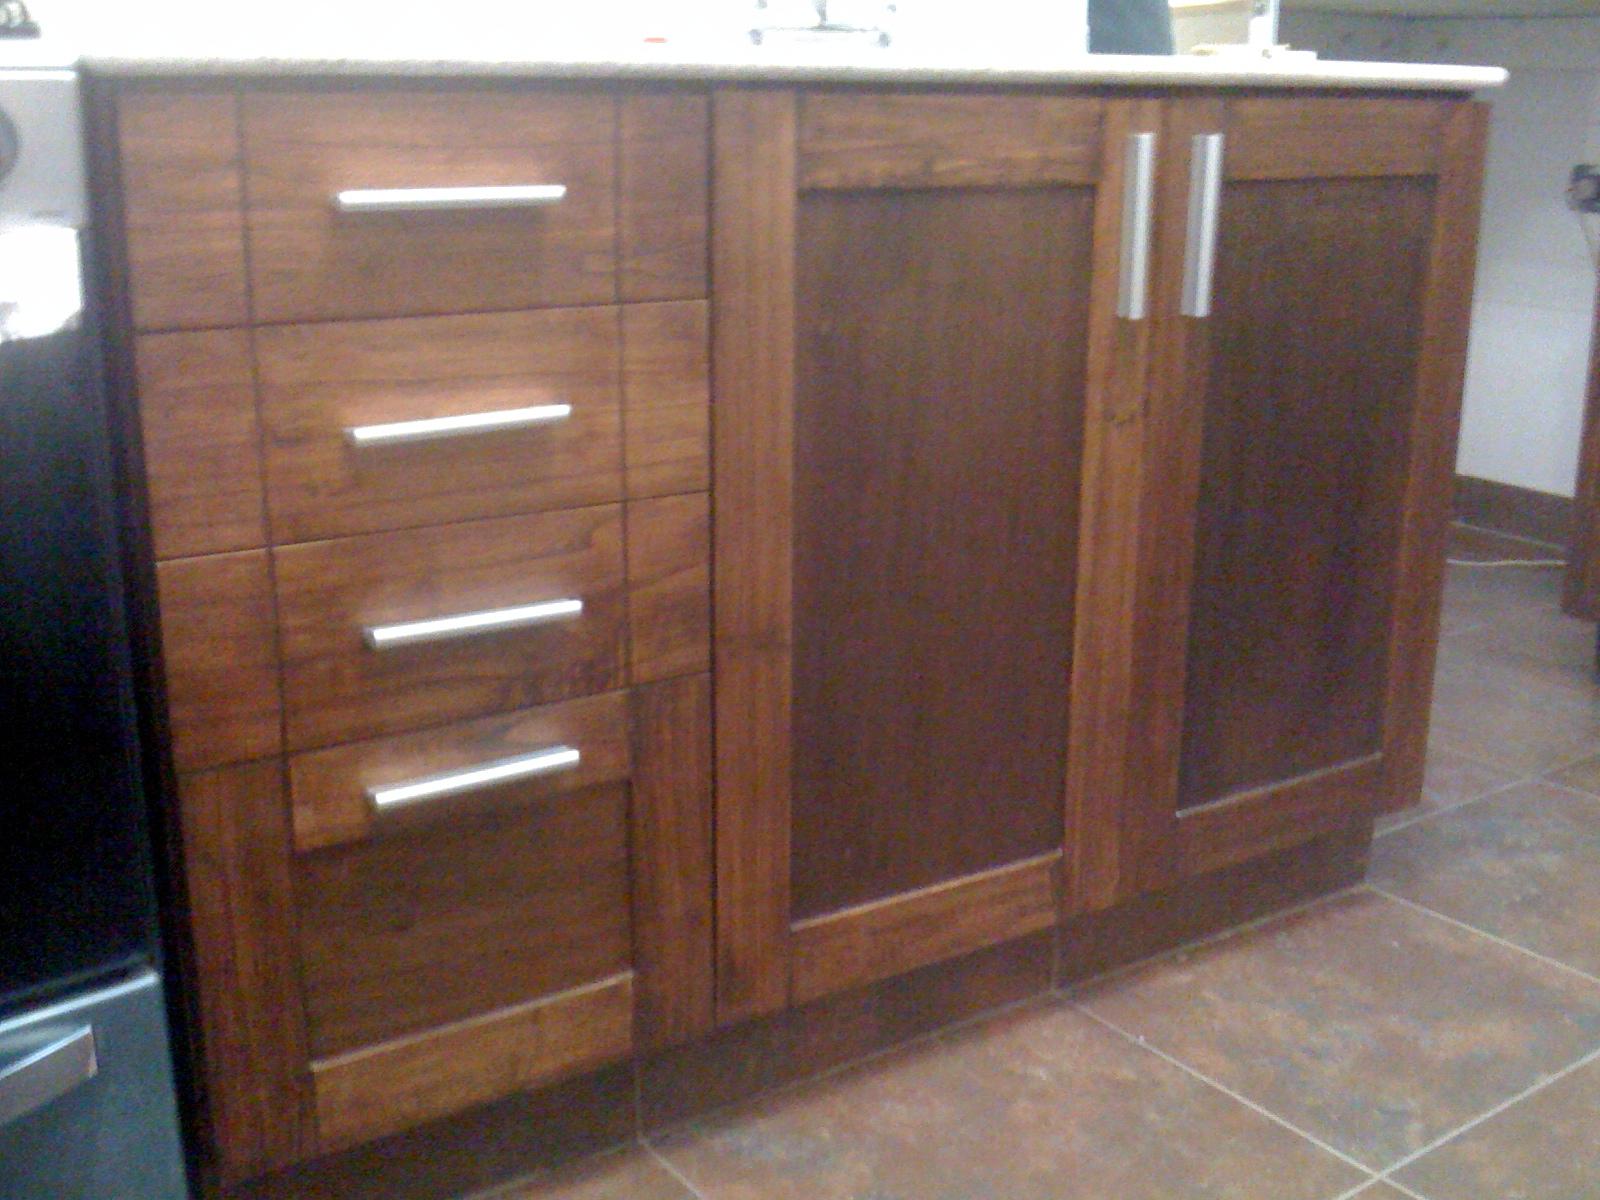 Cocina de madera muebles a medida dise o y decoraci n - Muebles de madera a medida ...